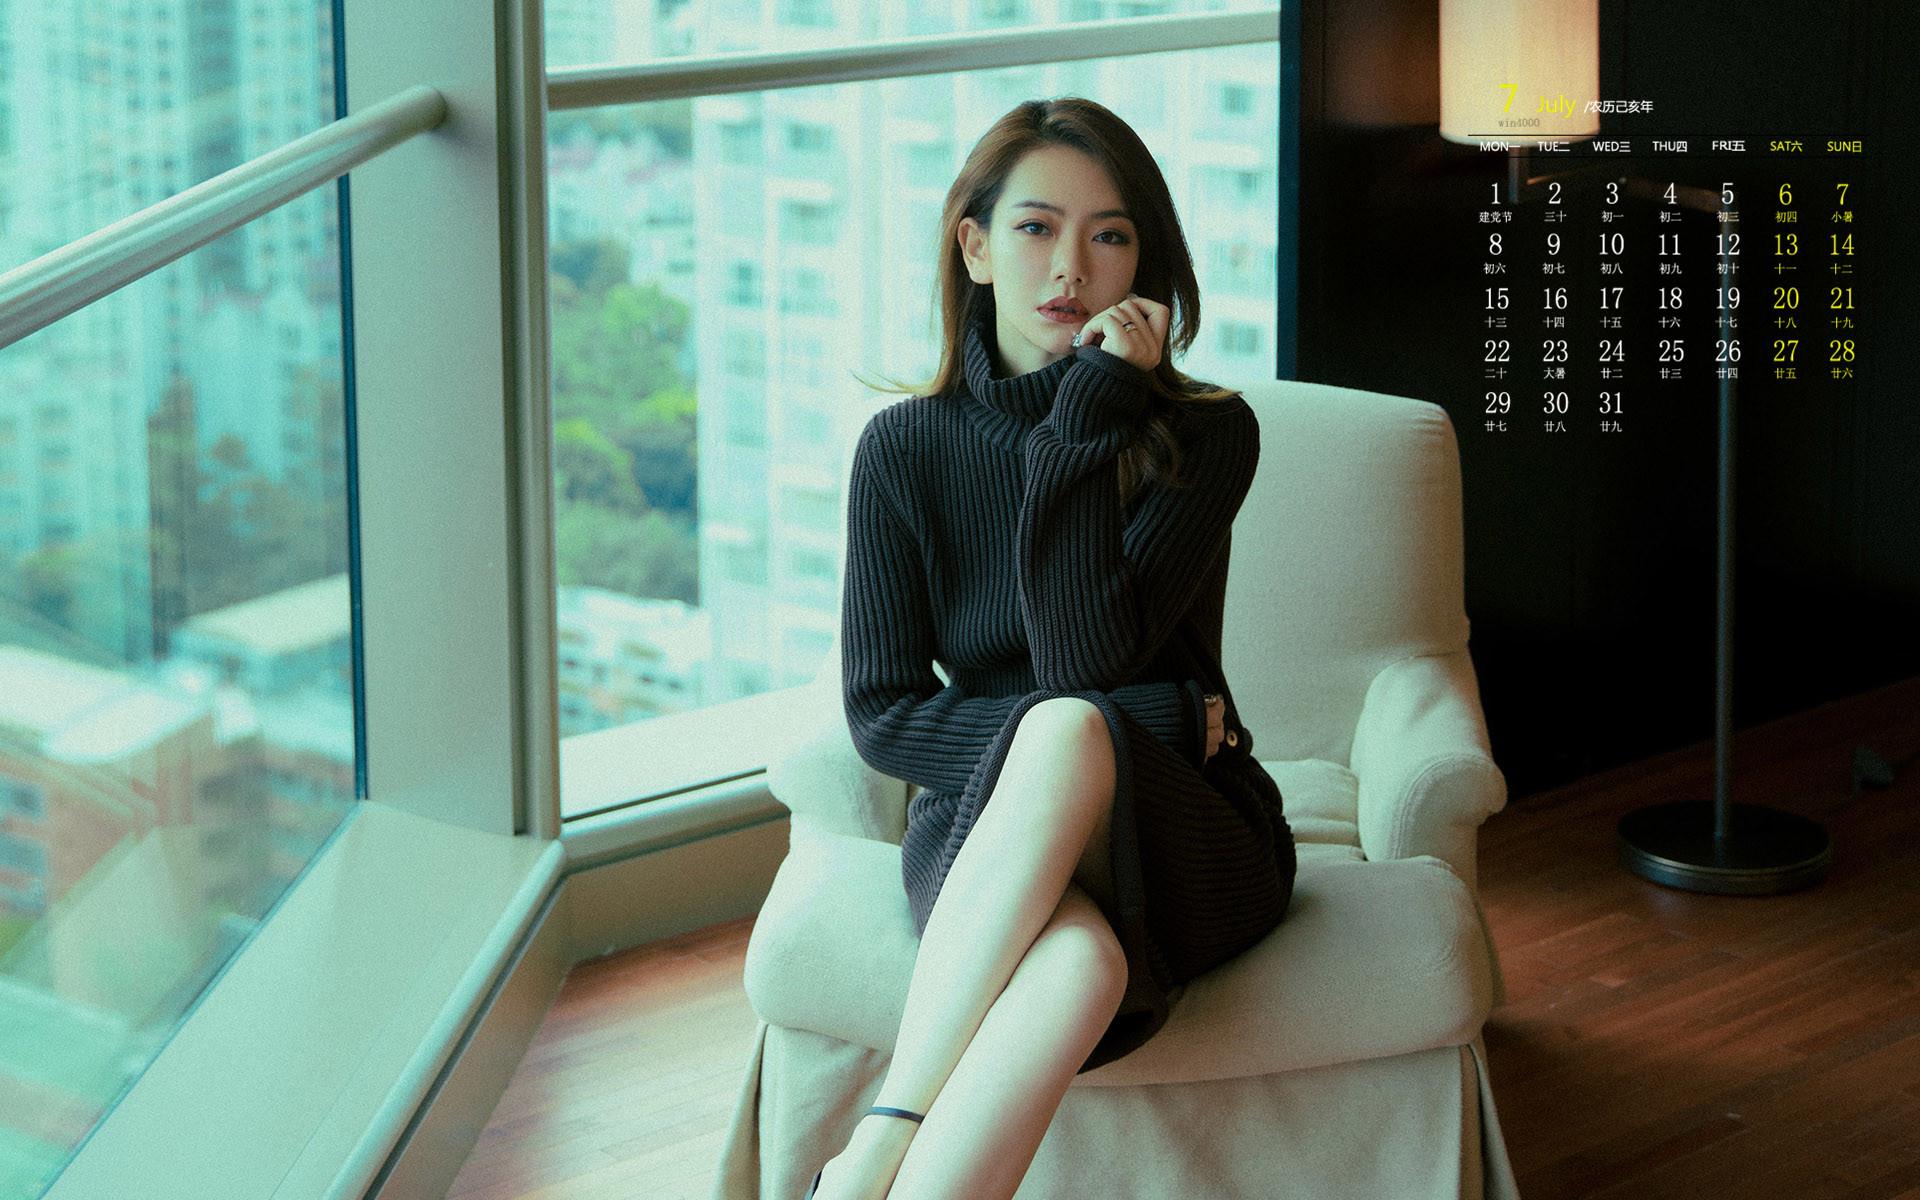 2019年7月戚薇性感风骚写真日历桌面壁纸